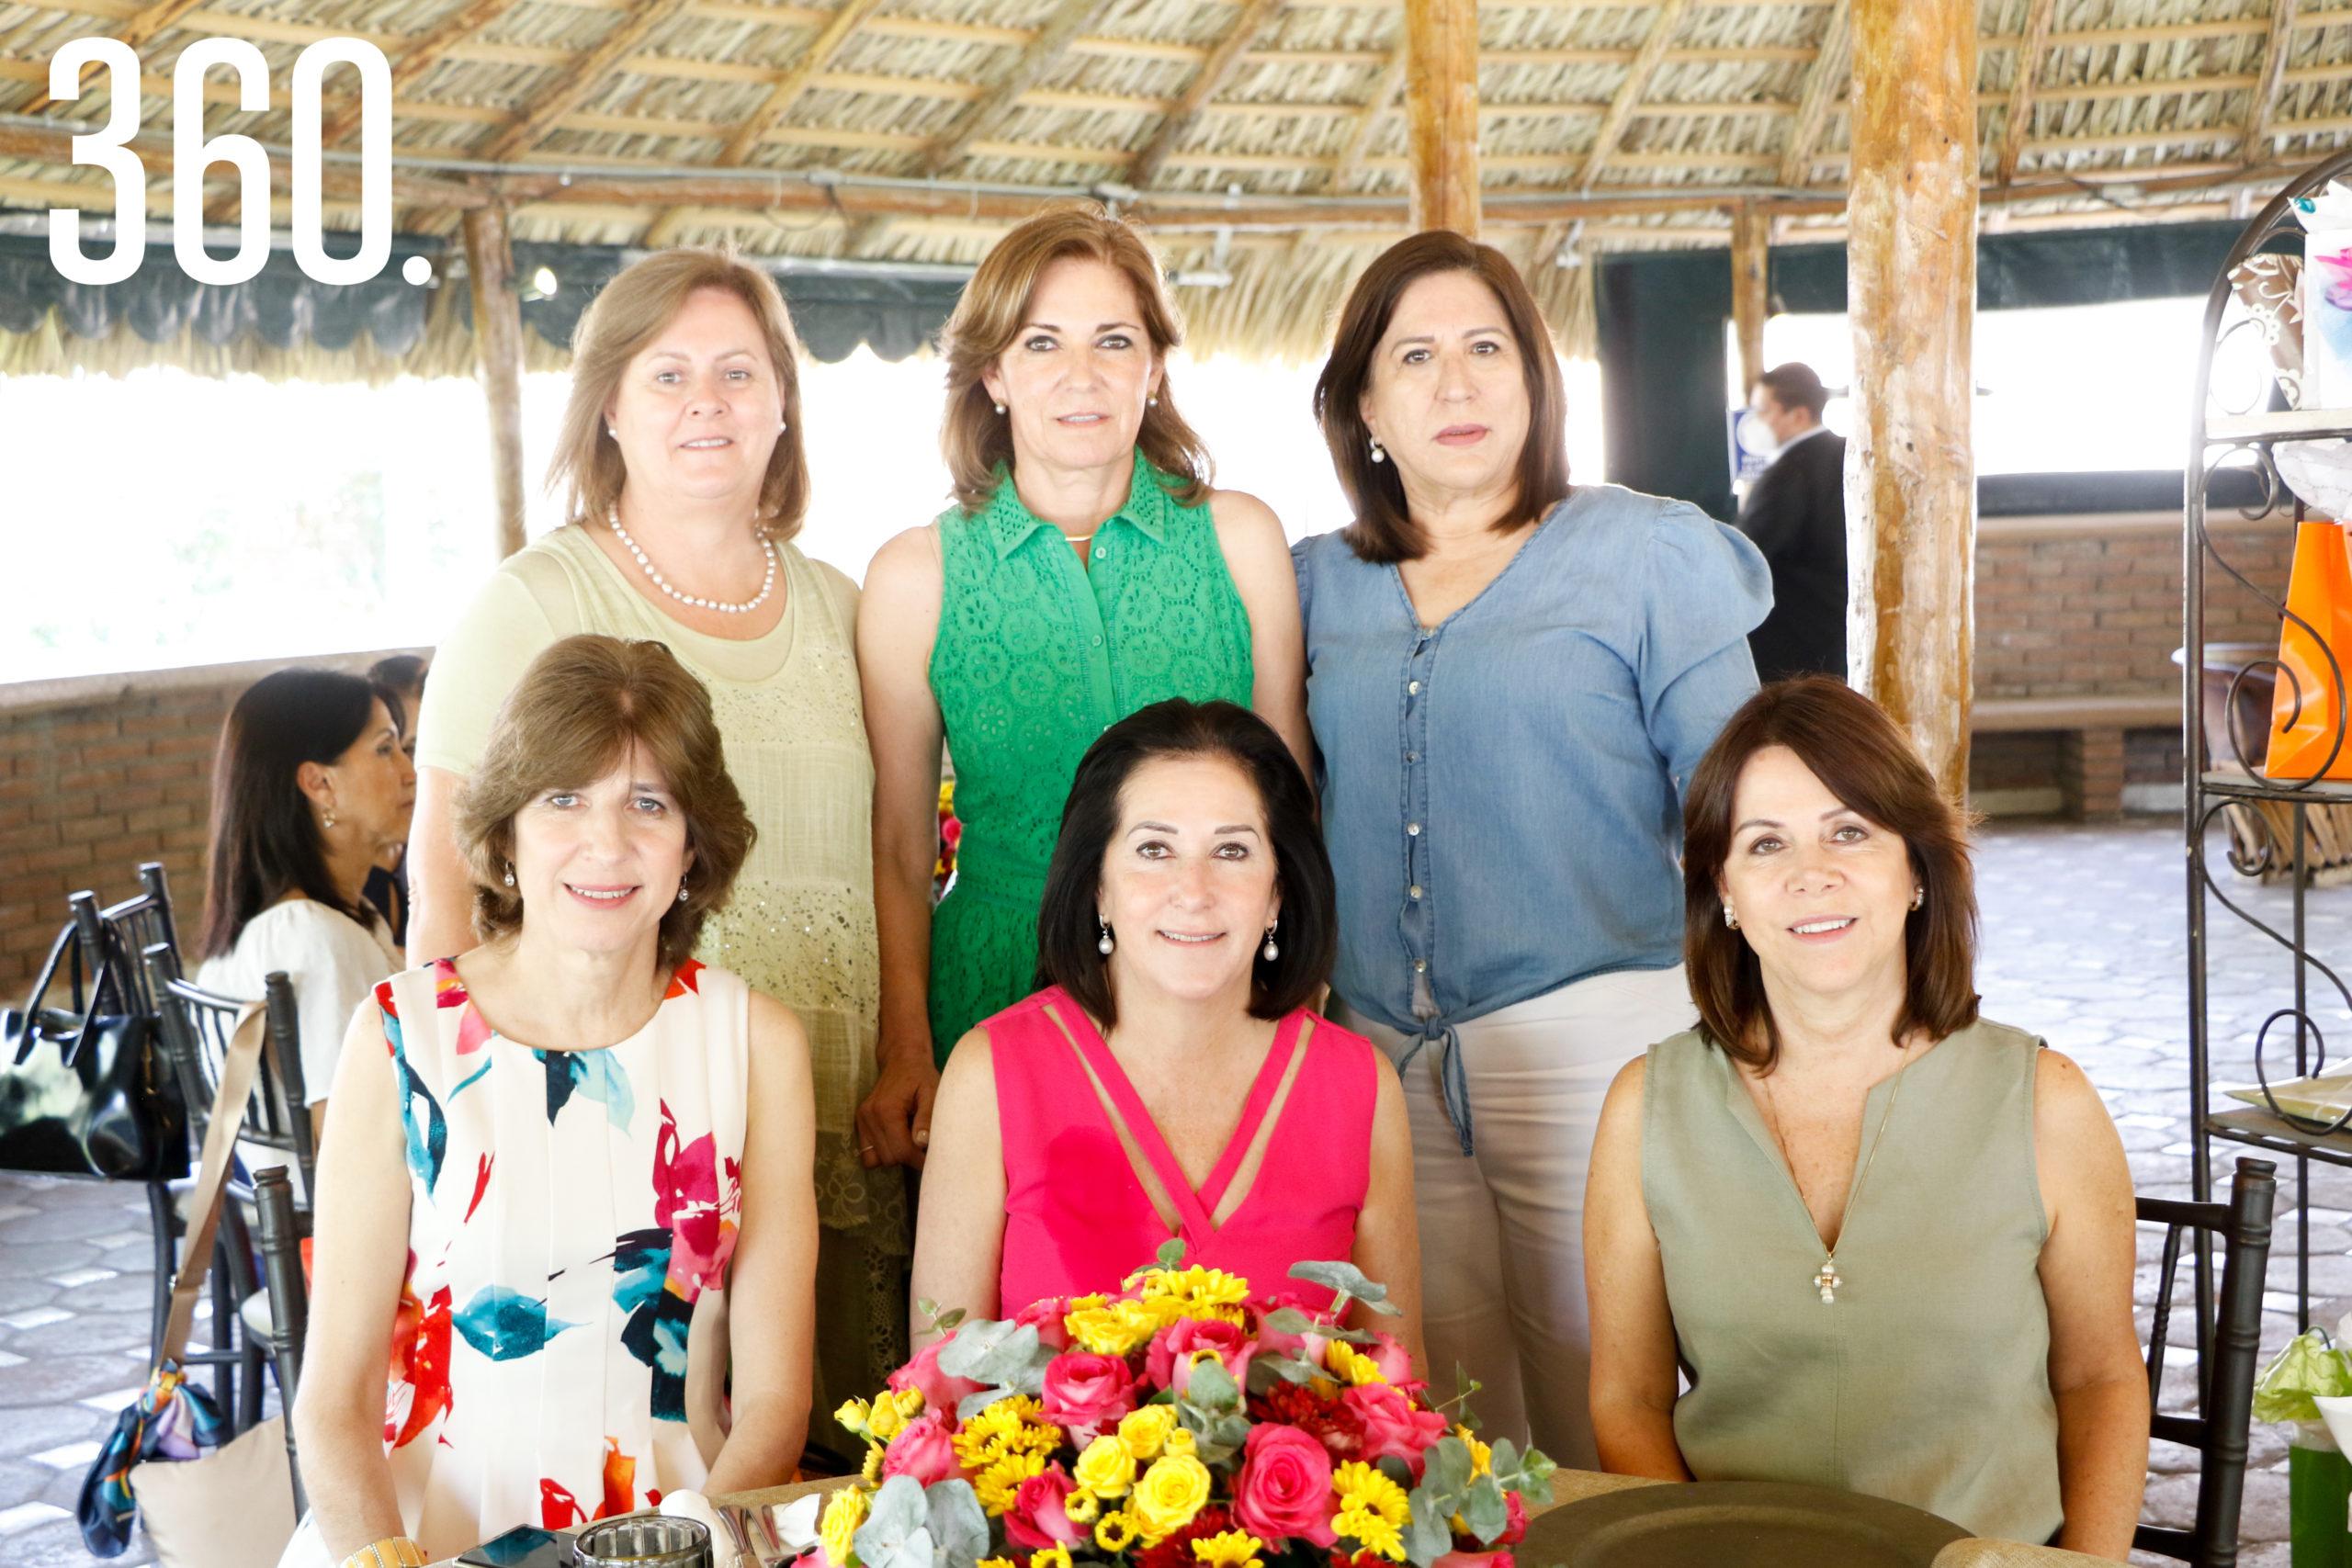 Mónica Narro, Mónica Ventura, María Elena del Bosque, Prudencia Garza, Lourdes Belausteguigoitia y Camila Guajardo.